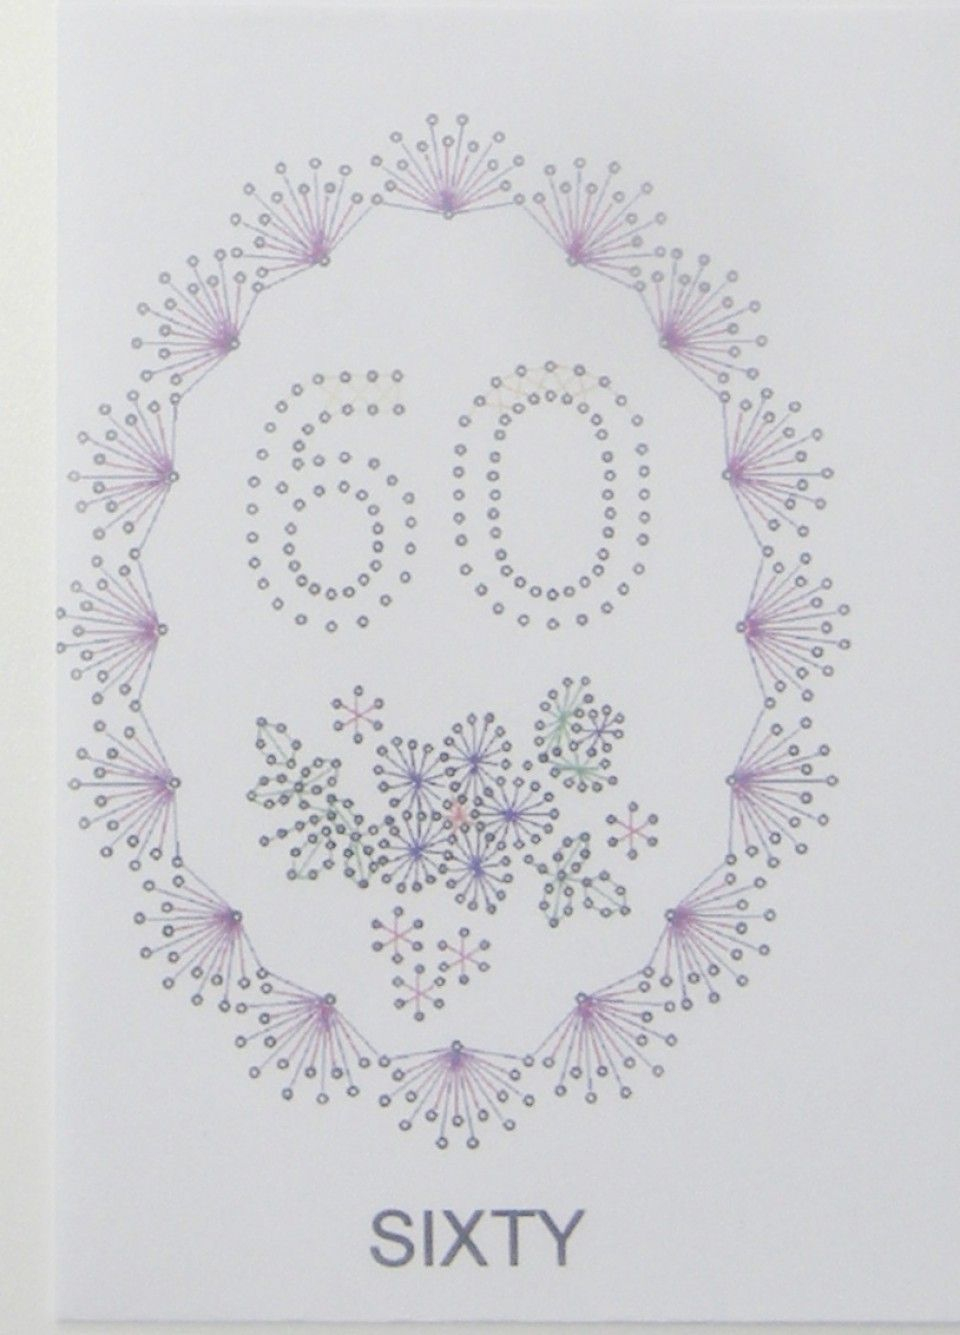 Free Pricking Patterns For Cards |  Sew Patterns Card Envelope - Free Printable Paper Pricking Patterns